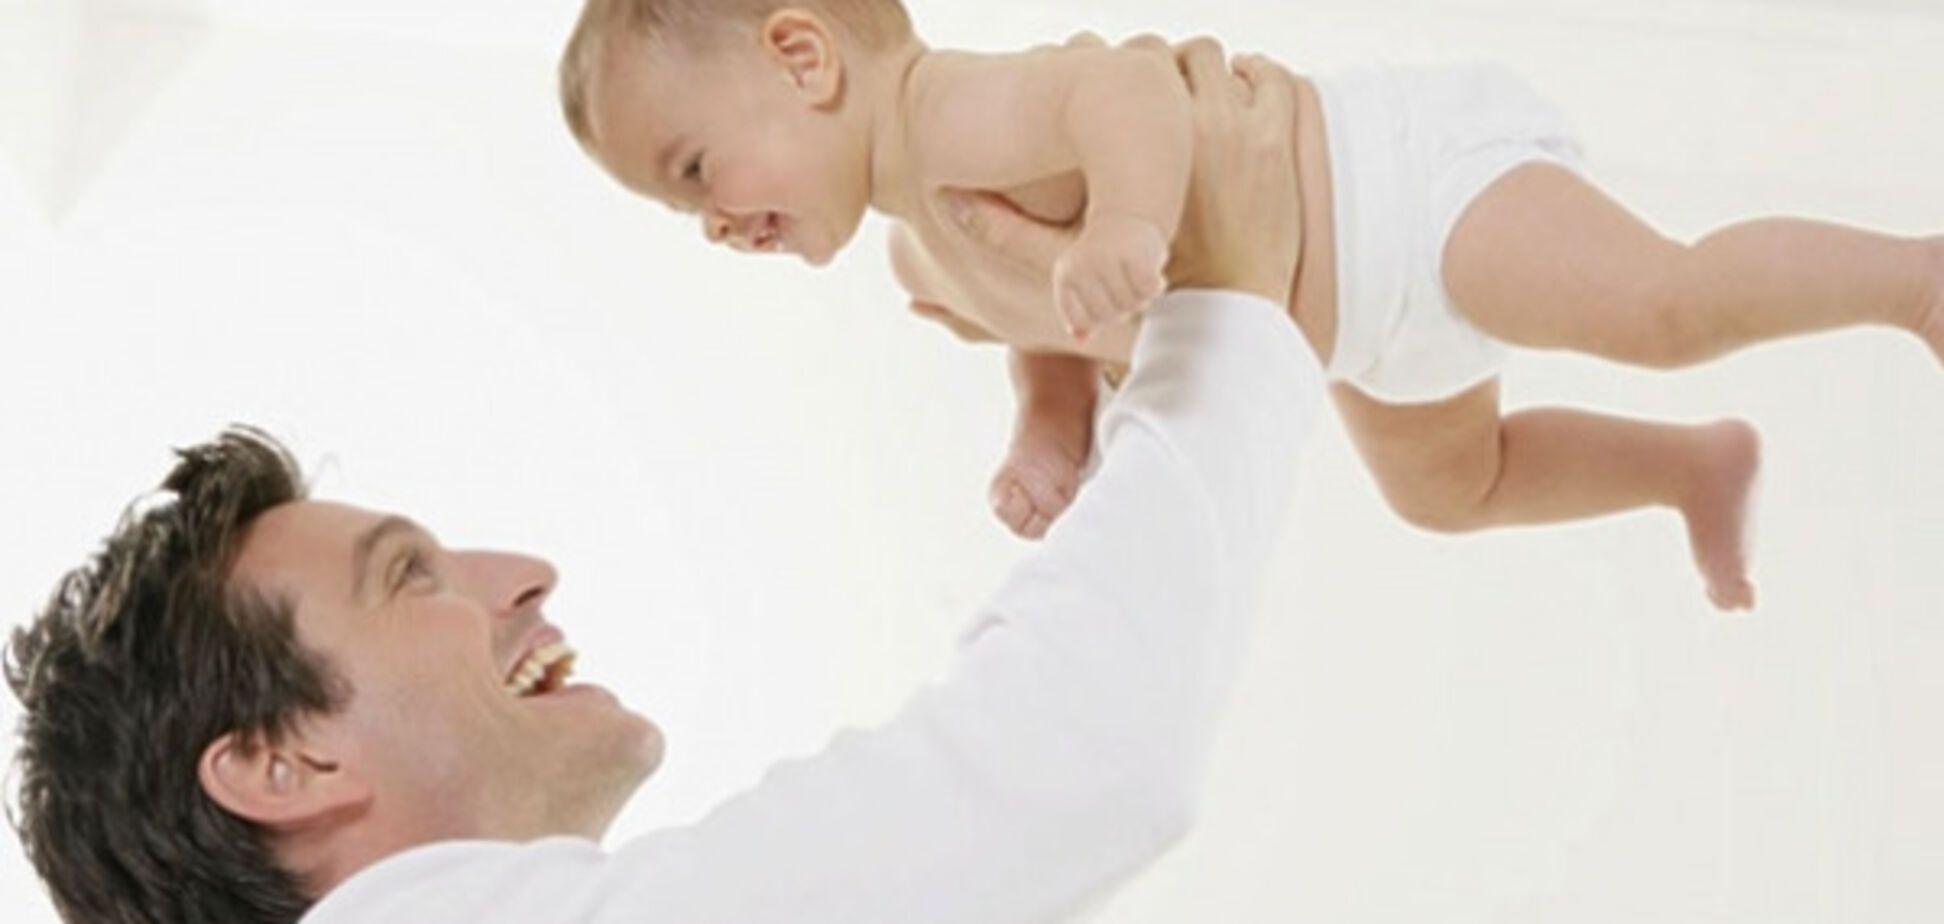 Ученые выяснили, как взаимодействие ребенок-отец влияет на развитие детей в будущем